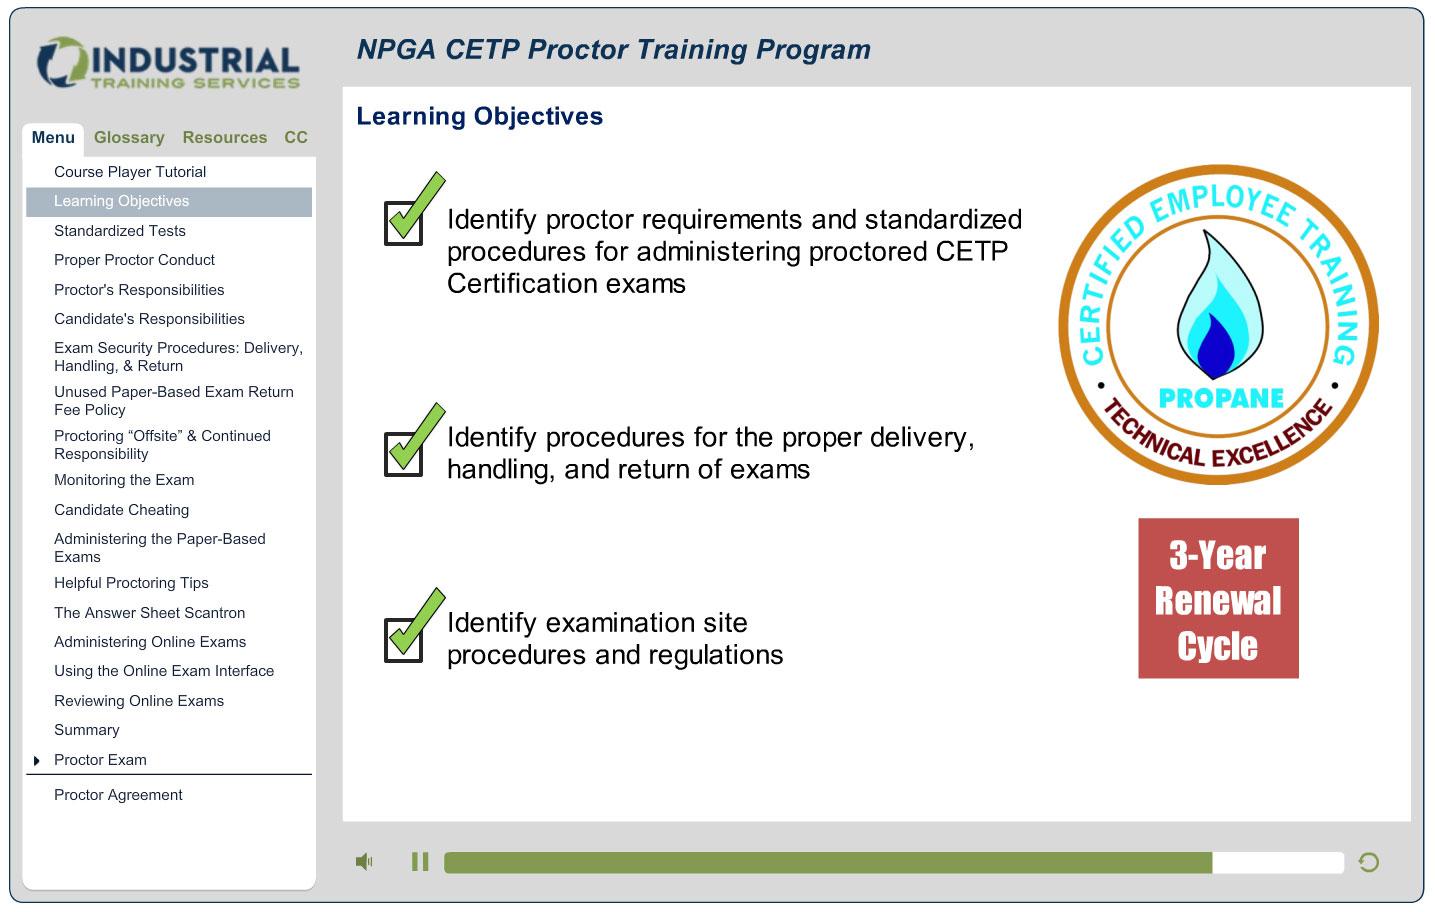 2016 Npga Cetp Proctor Renewalsignup Instructions